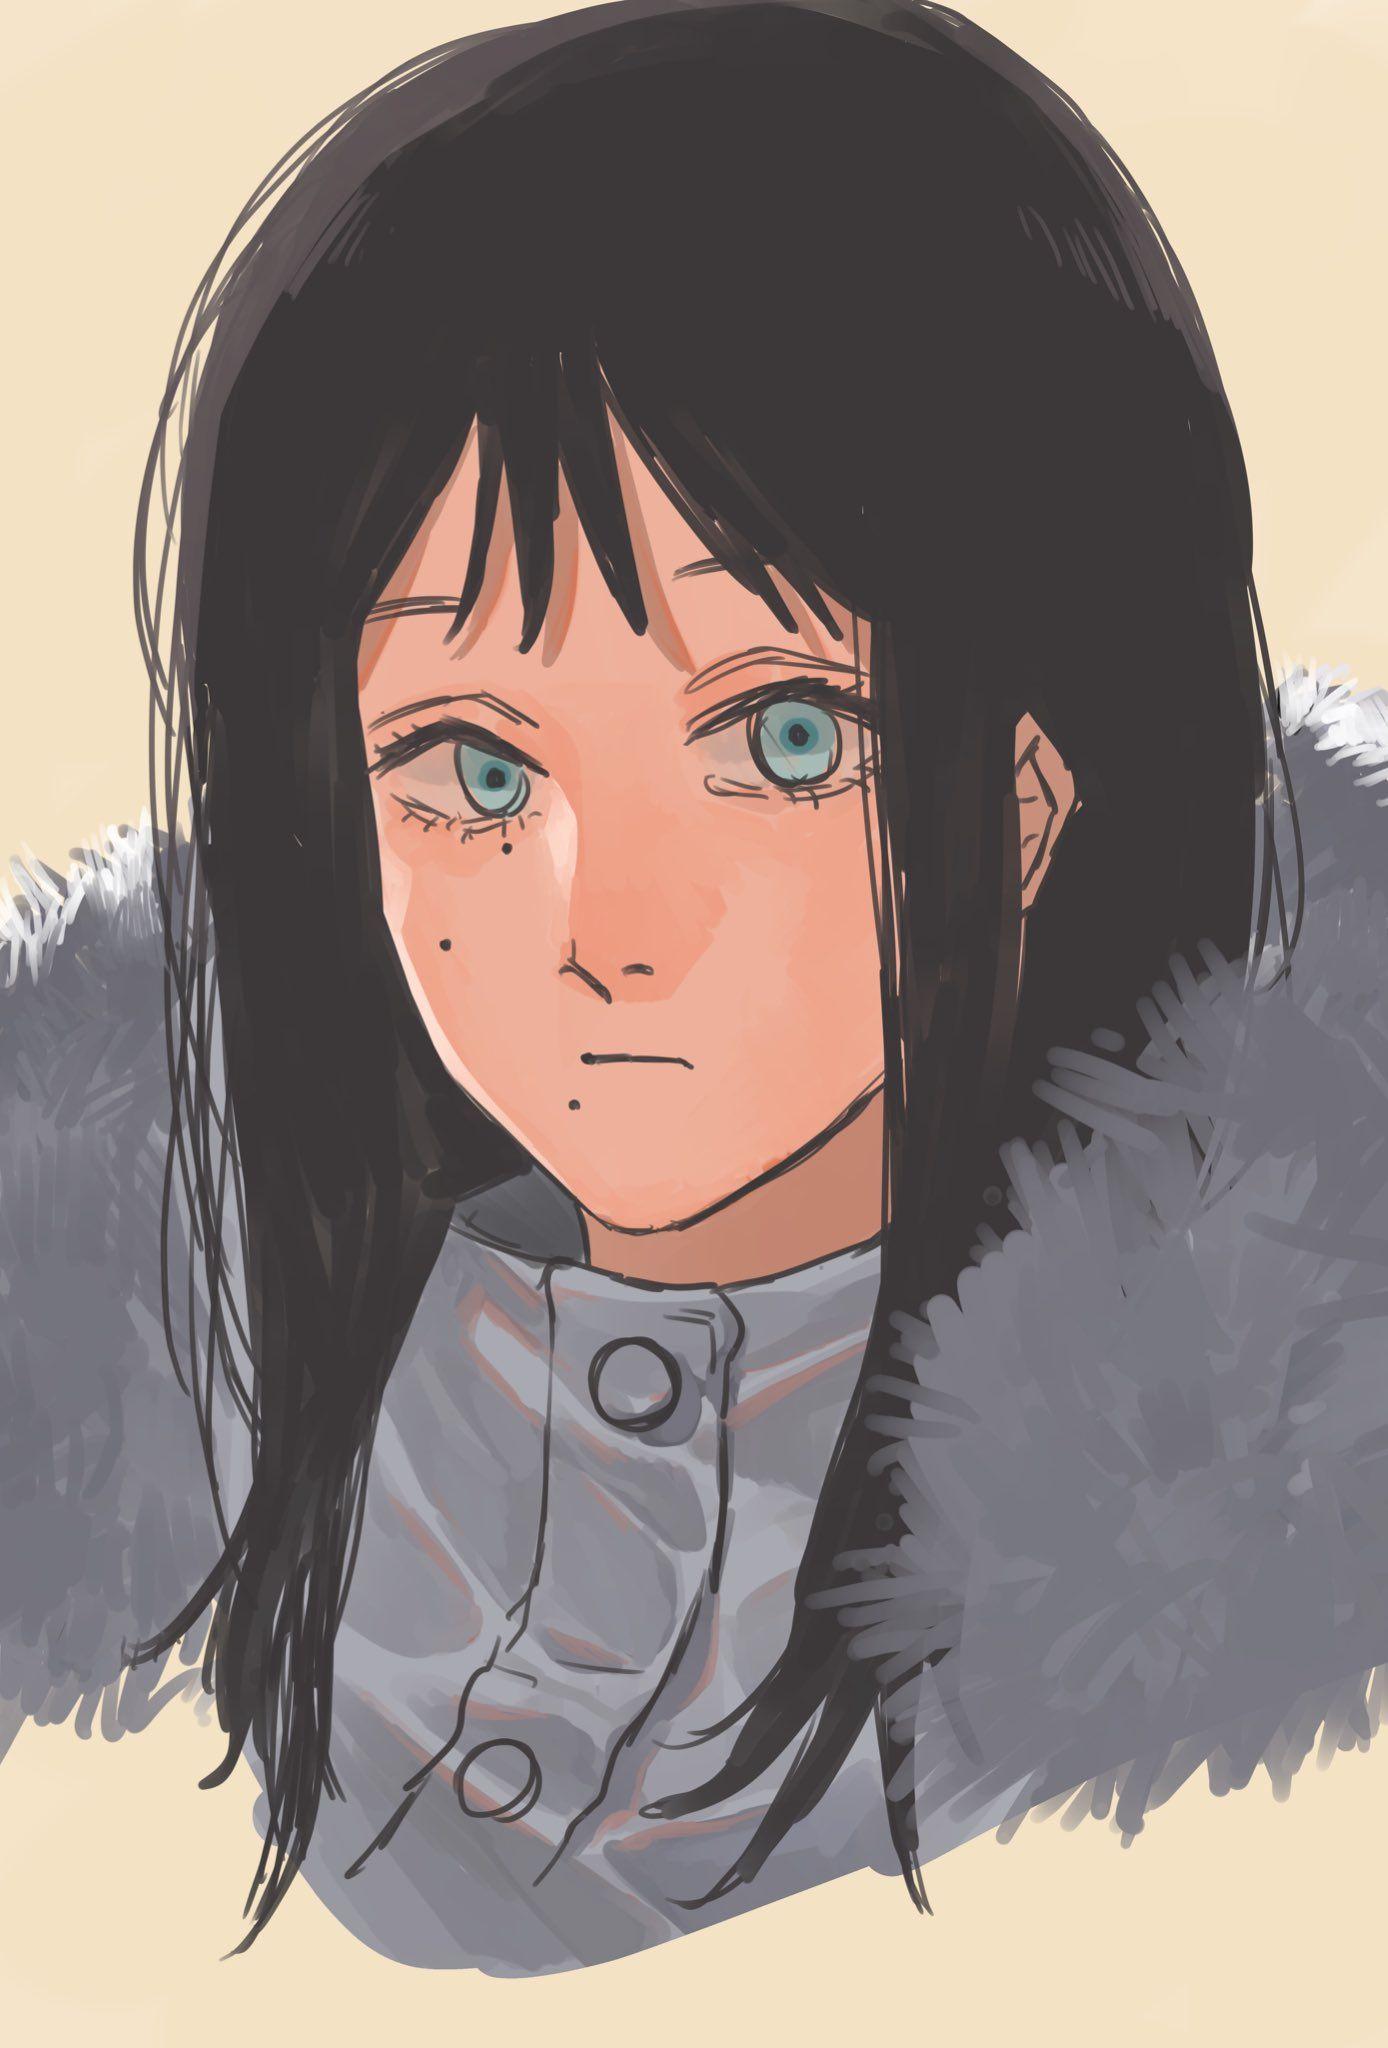 人類 on Twitter in 2020 Cool drawings, Anime, Character art